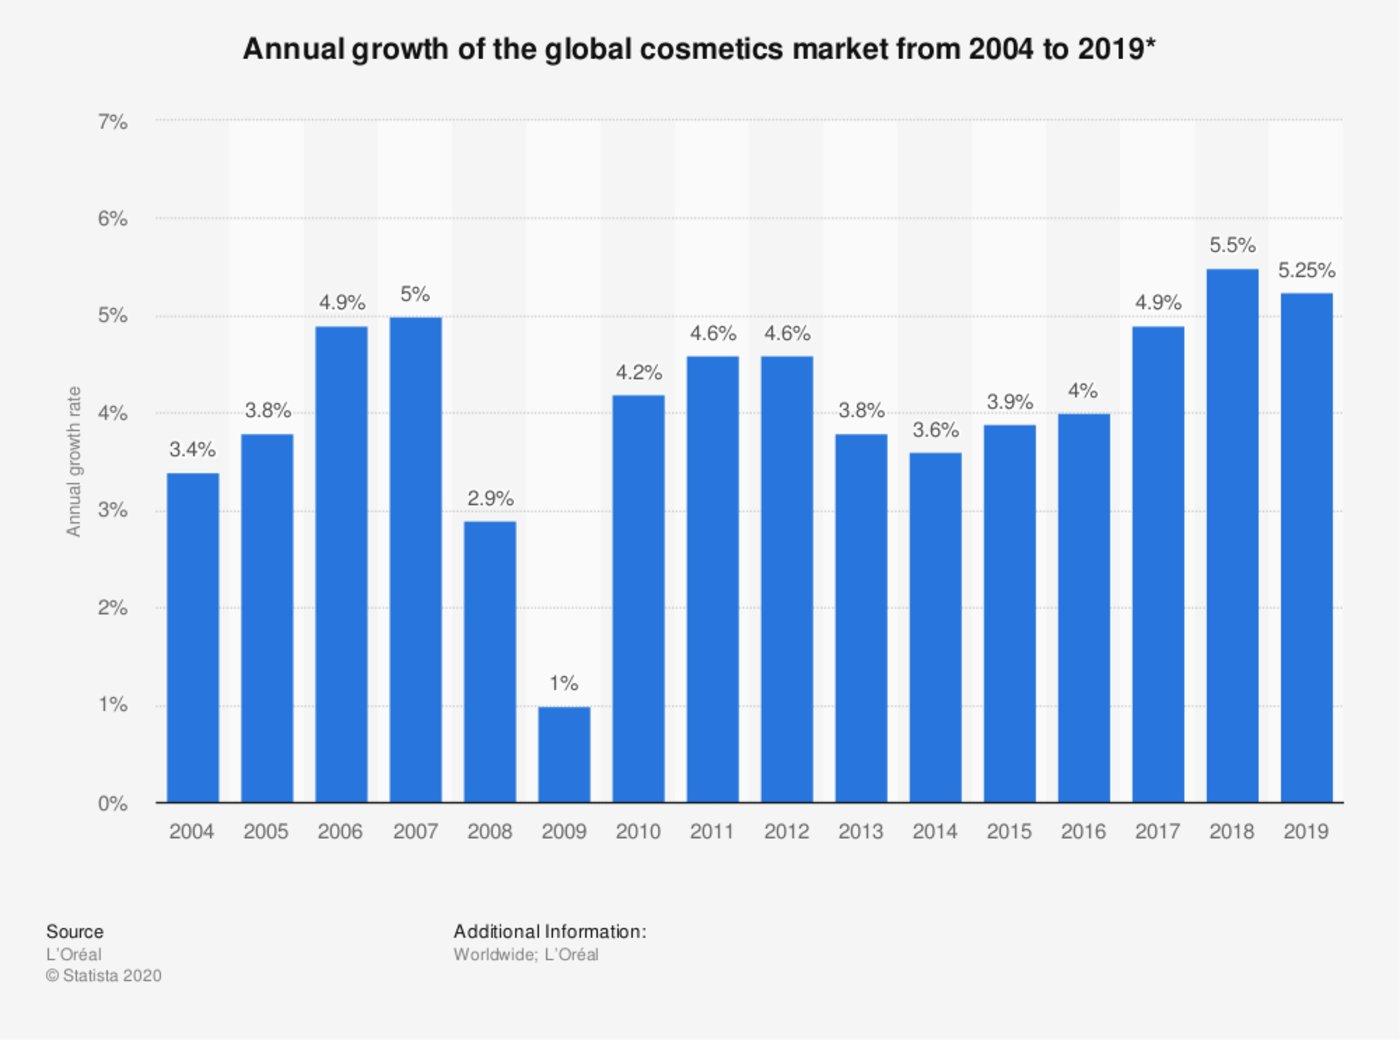 欧莱雅发布的2004年到2019年世界化妆品市场增长情况 / Statista